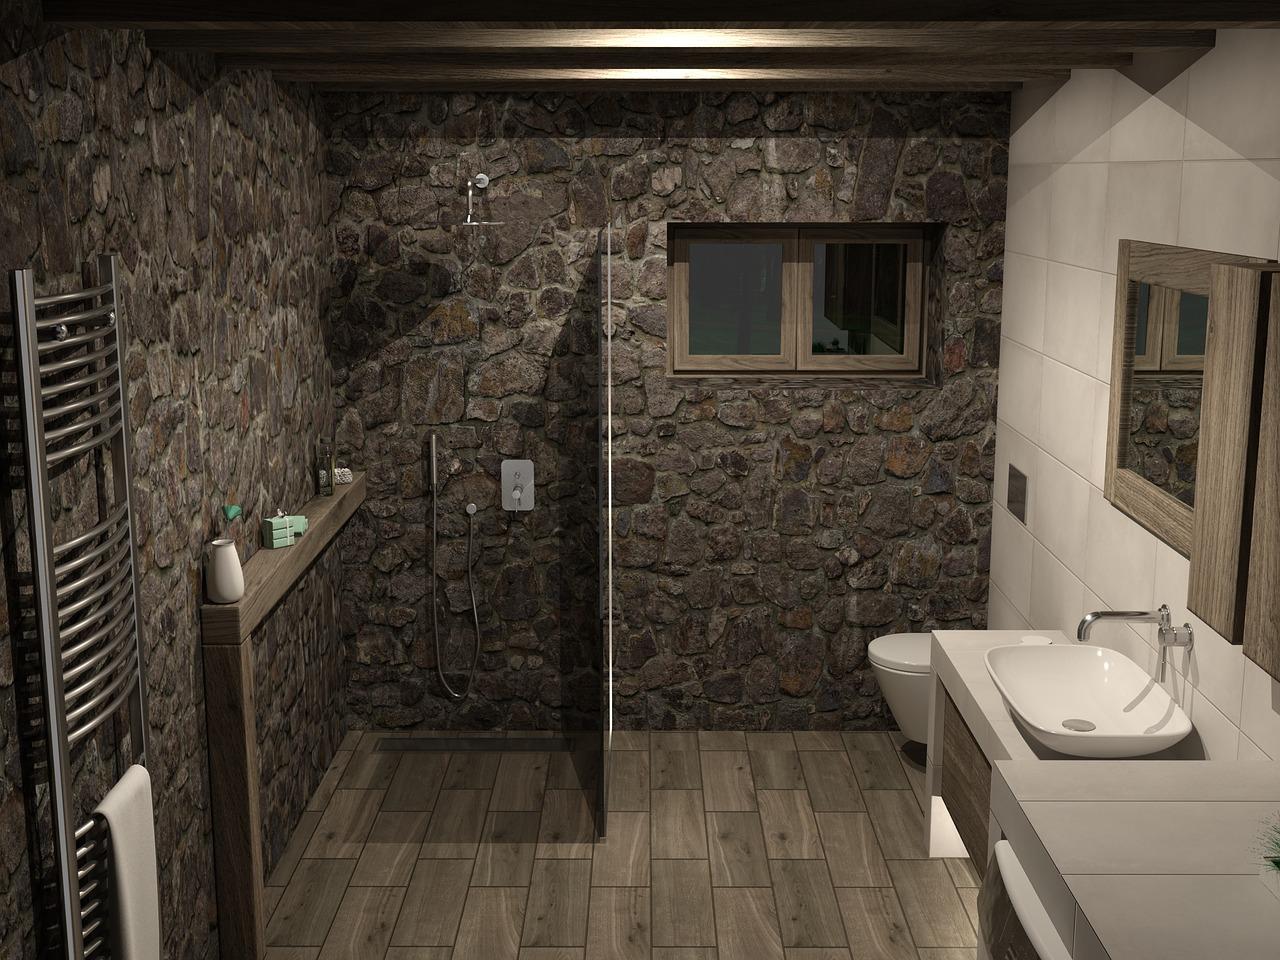 Costo Per Rifare Bagno quanto costa rifare o ristrutturare un bagno completo?